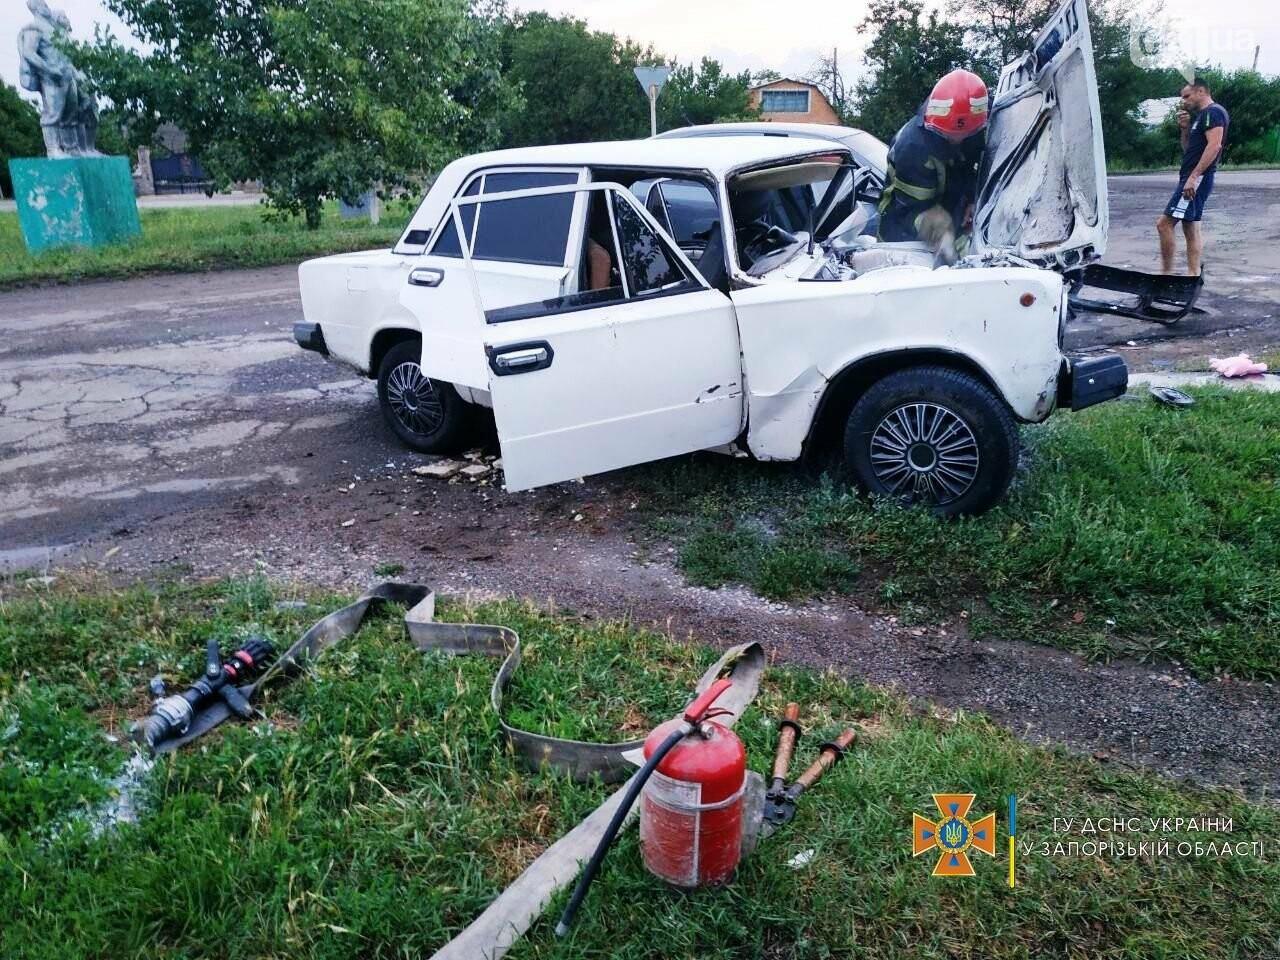 photo2021 07 1308 30 09result 60ed3dab2f21d - В Бердянском районе не поделили дорогу два легковых авто: в ДТП пострадали 5 человек, - ФОТО